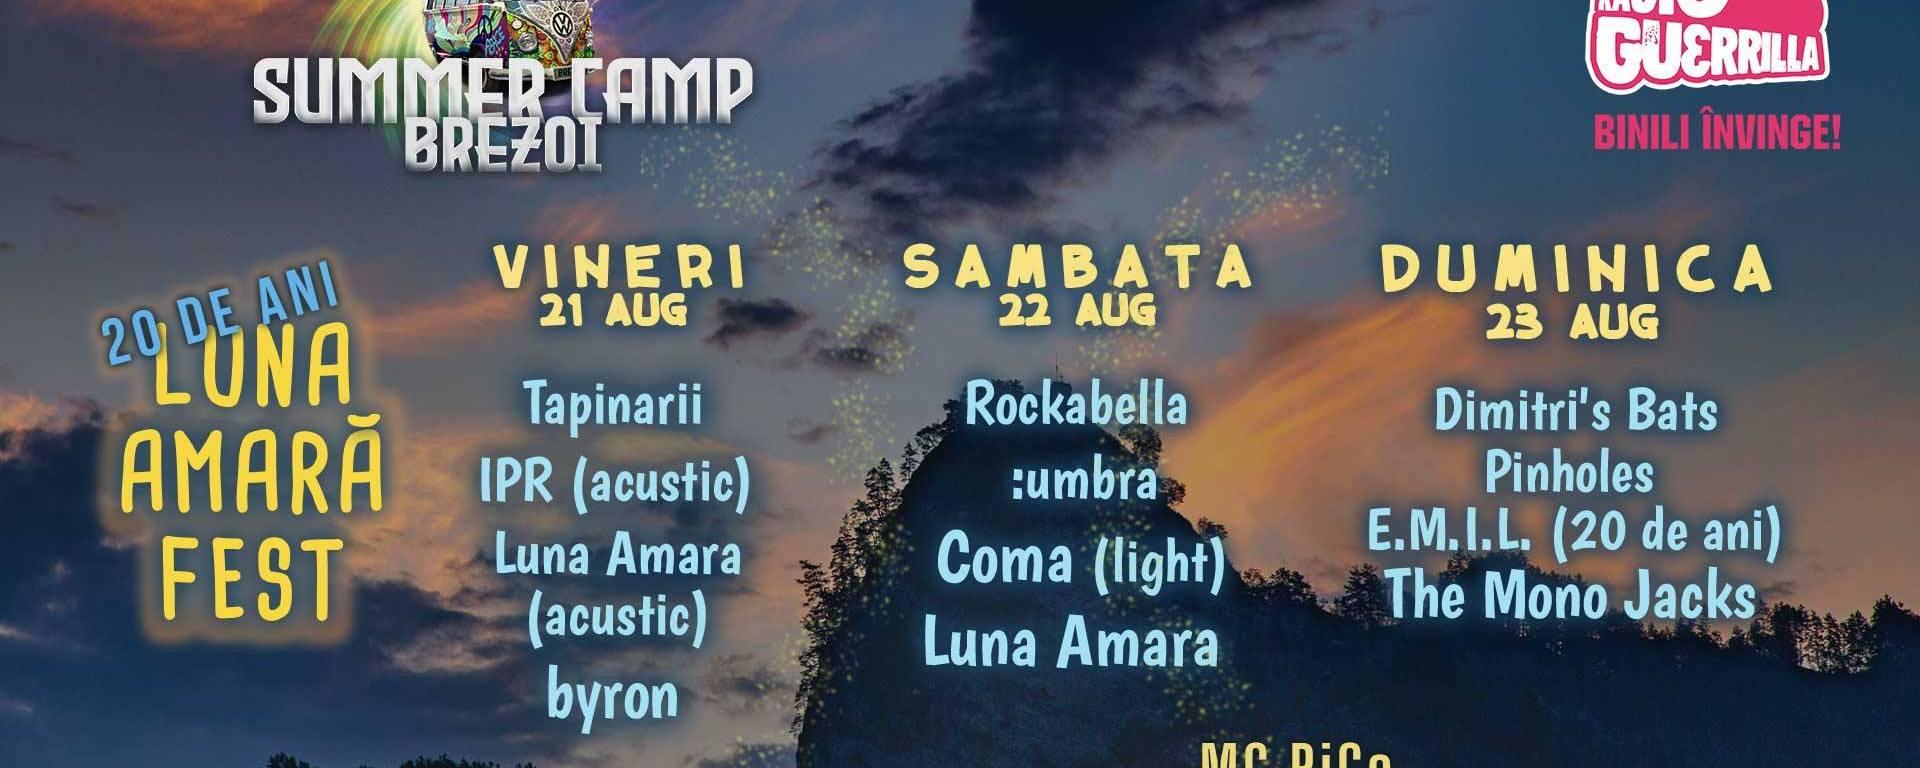 Luna Amară Fest - 20 de ani - Summer Camp Brezoi - 21 August